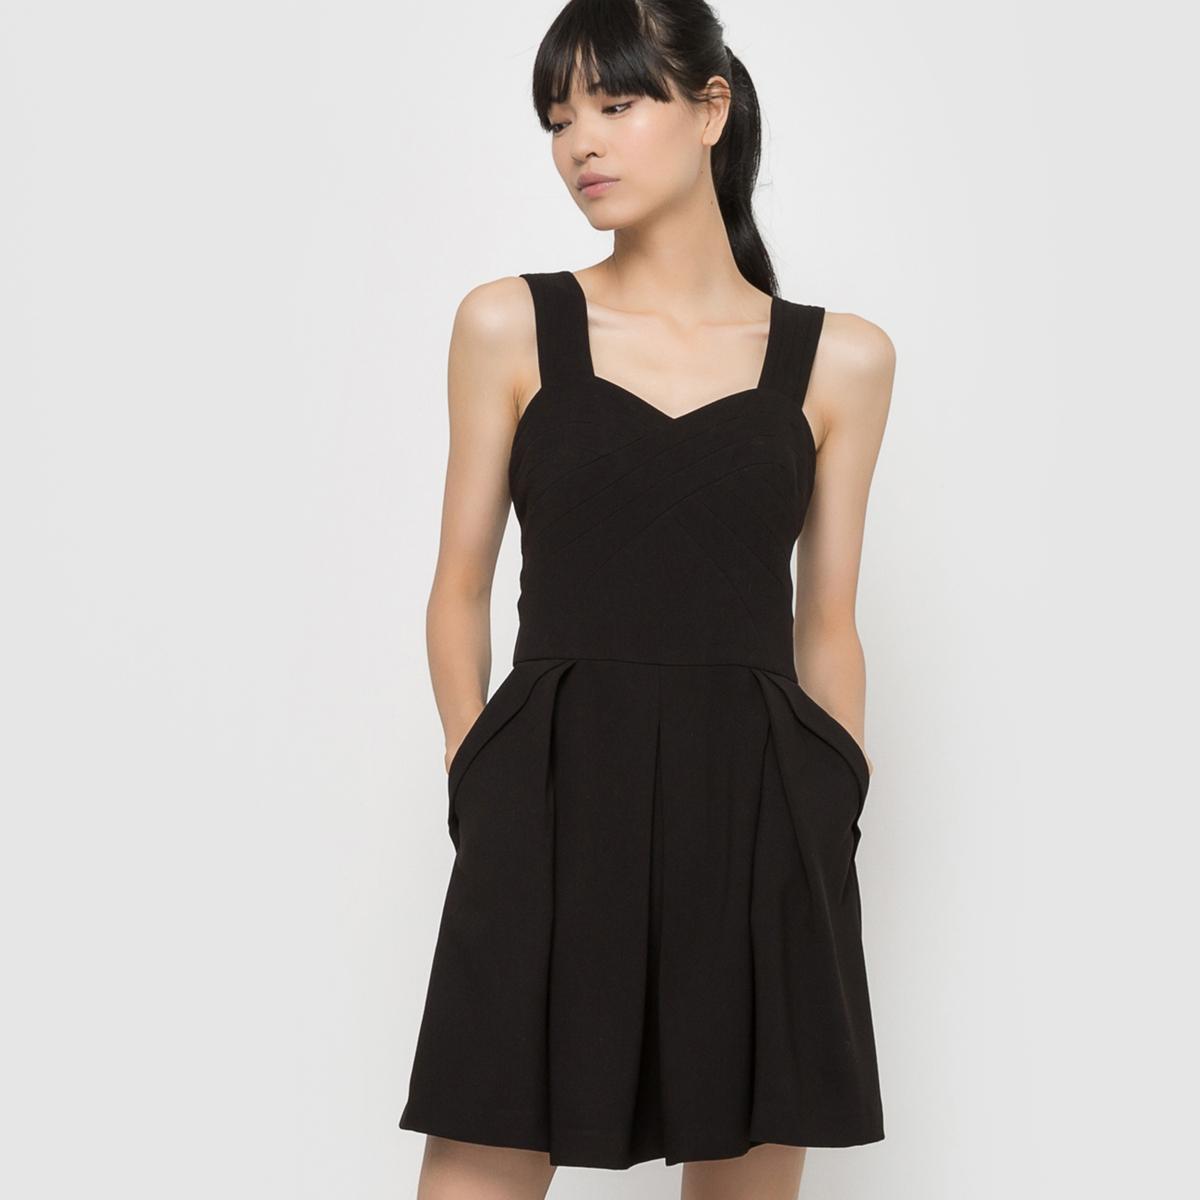 Платье вечернееСостав и описаниеМатериал : 70% полиэстера, 25% полиамида, 5% эластанаМарка : See U SoonУходСледуйте советам по уходу, указанным на этикетке.<br><br>Цвет: черный<br>Размер: S